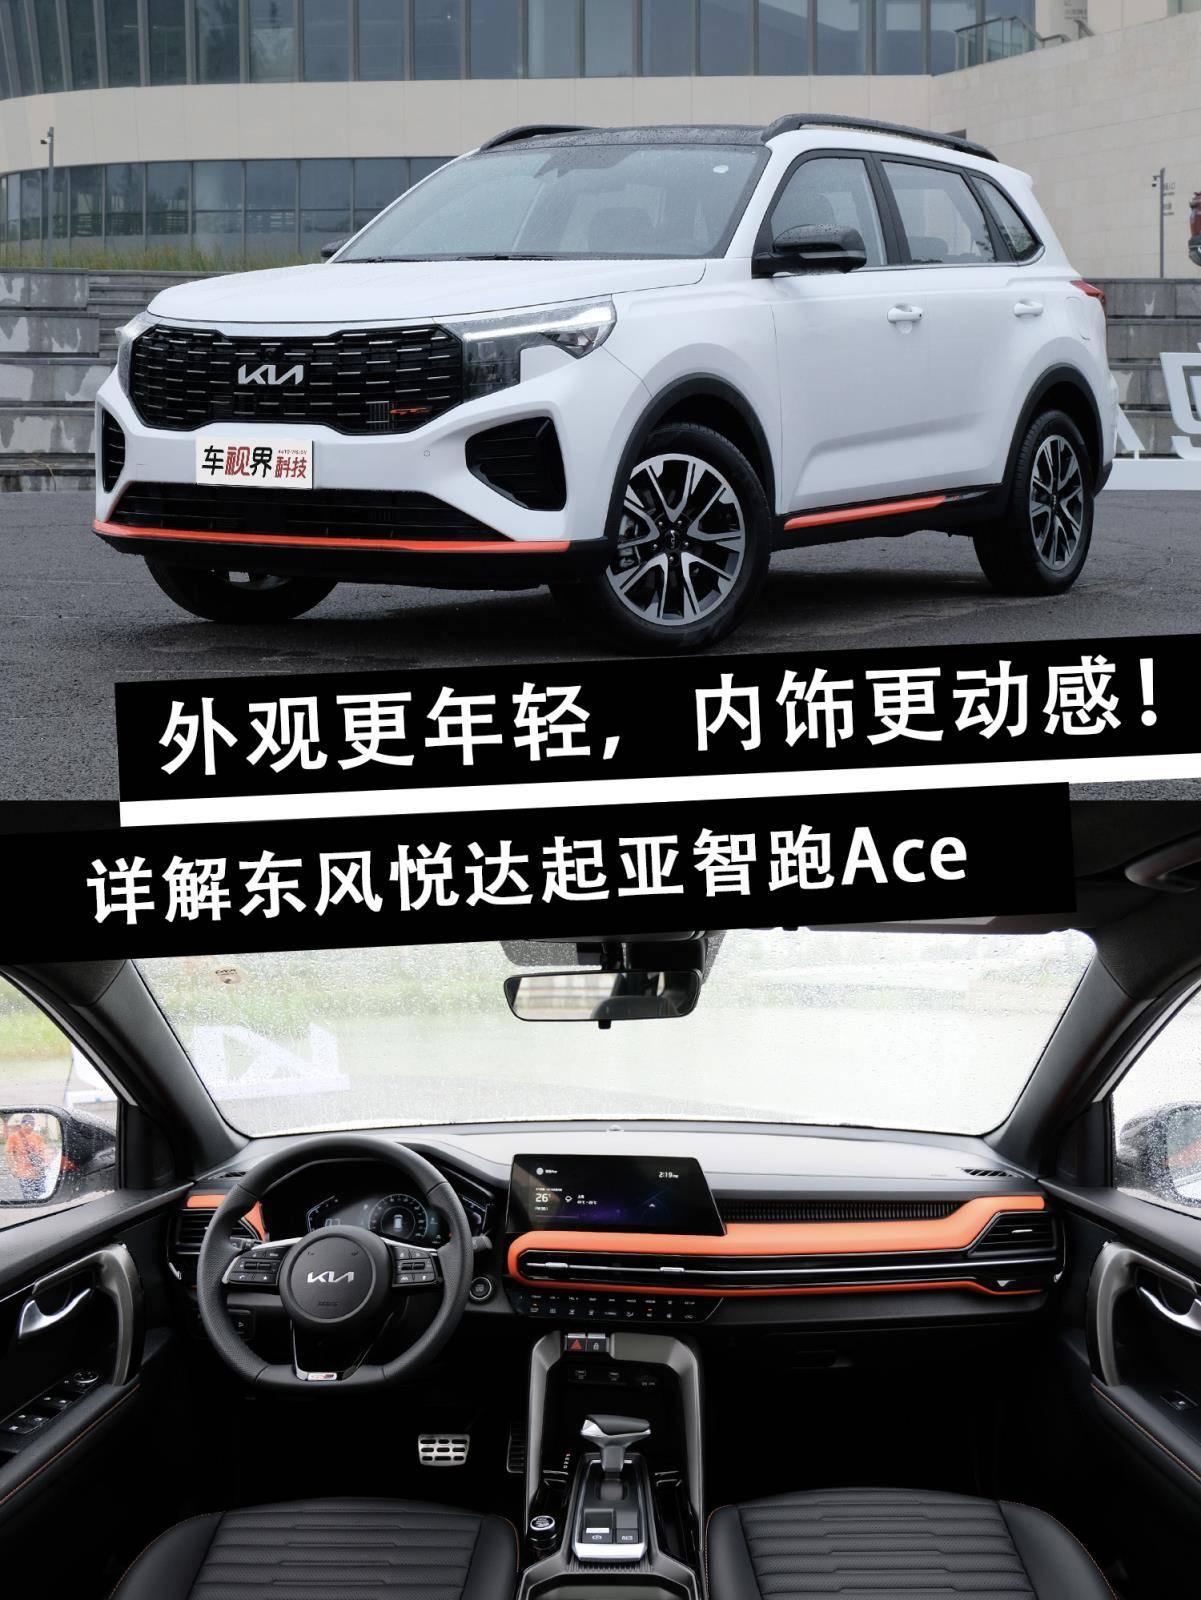 东风悦达起亚智跑Ace将于7月上市 更年轻更动感